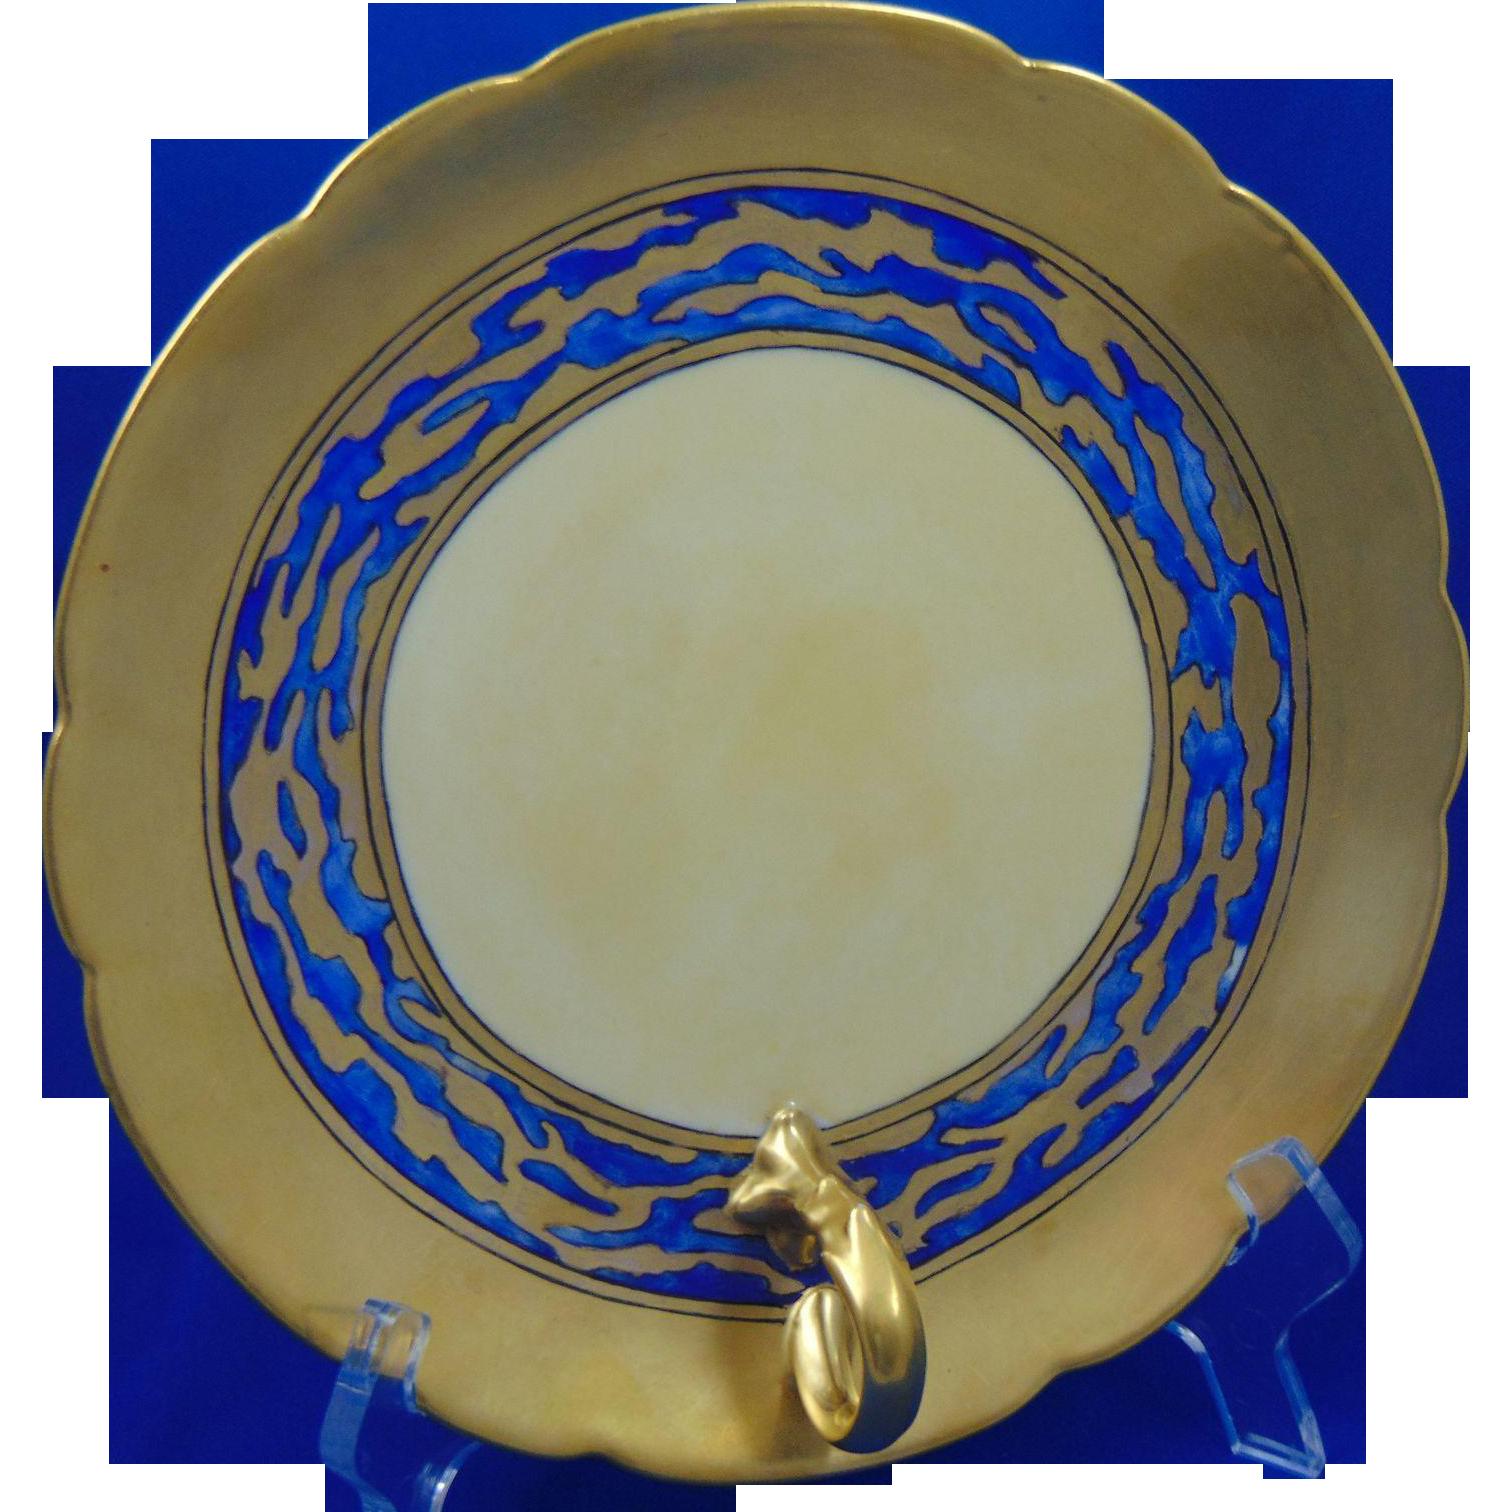 Porcelain Limousine (PL) Limoges Arts & Crafts Matte Blue & Gold Handled Serving Plate/Dish (c.1903-1917)